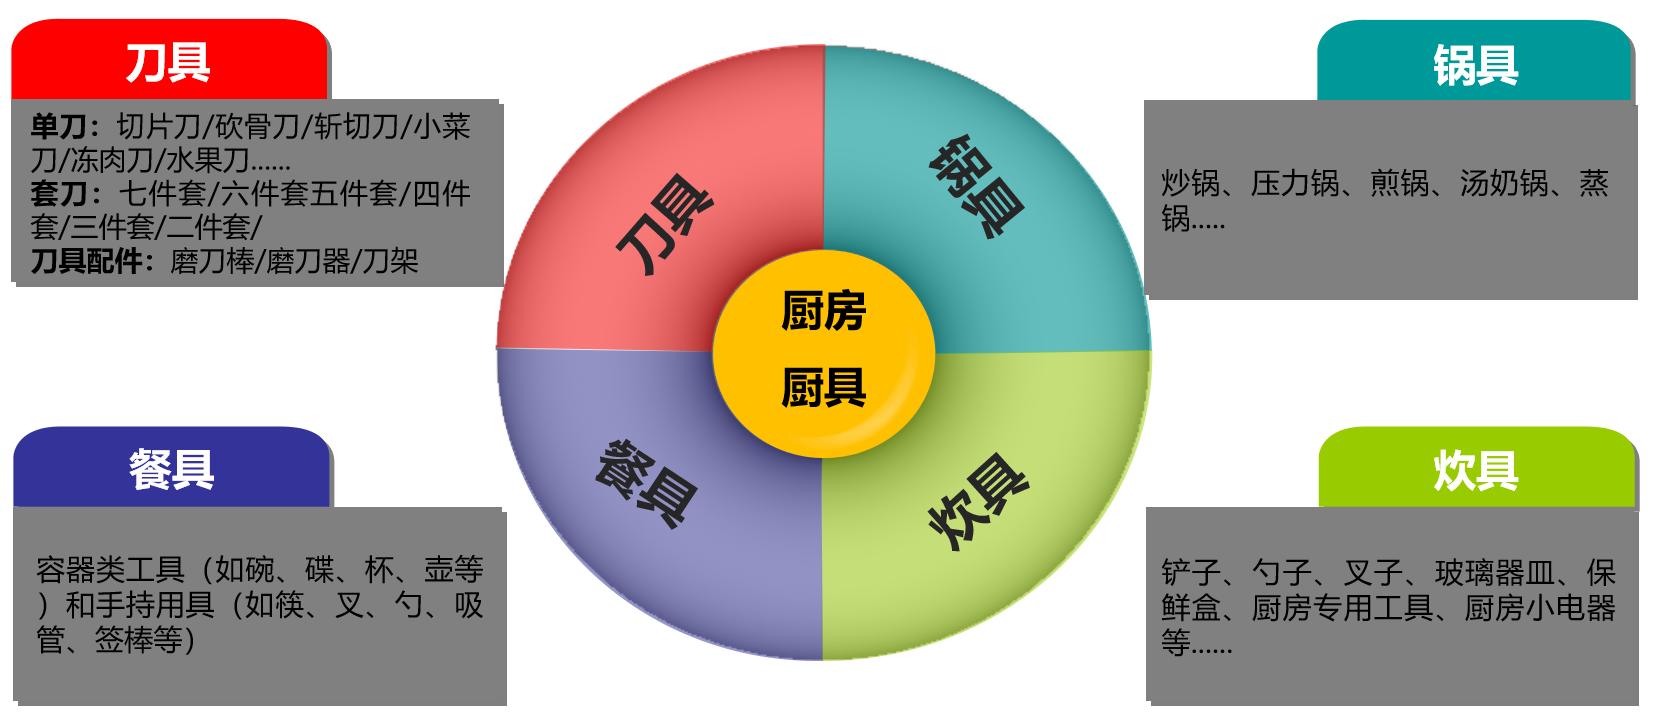 金辉厨刀的新濠天地网站登入创建(图15)